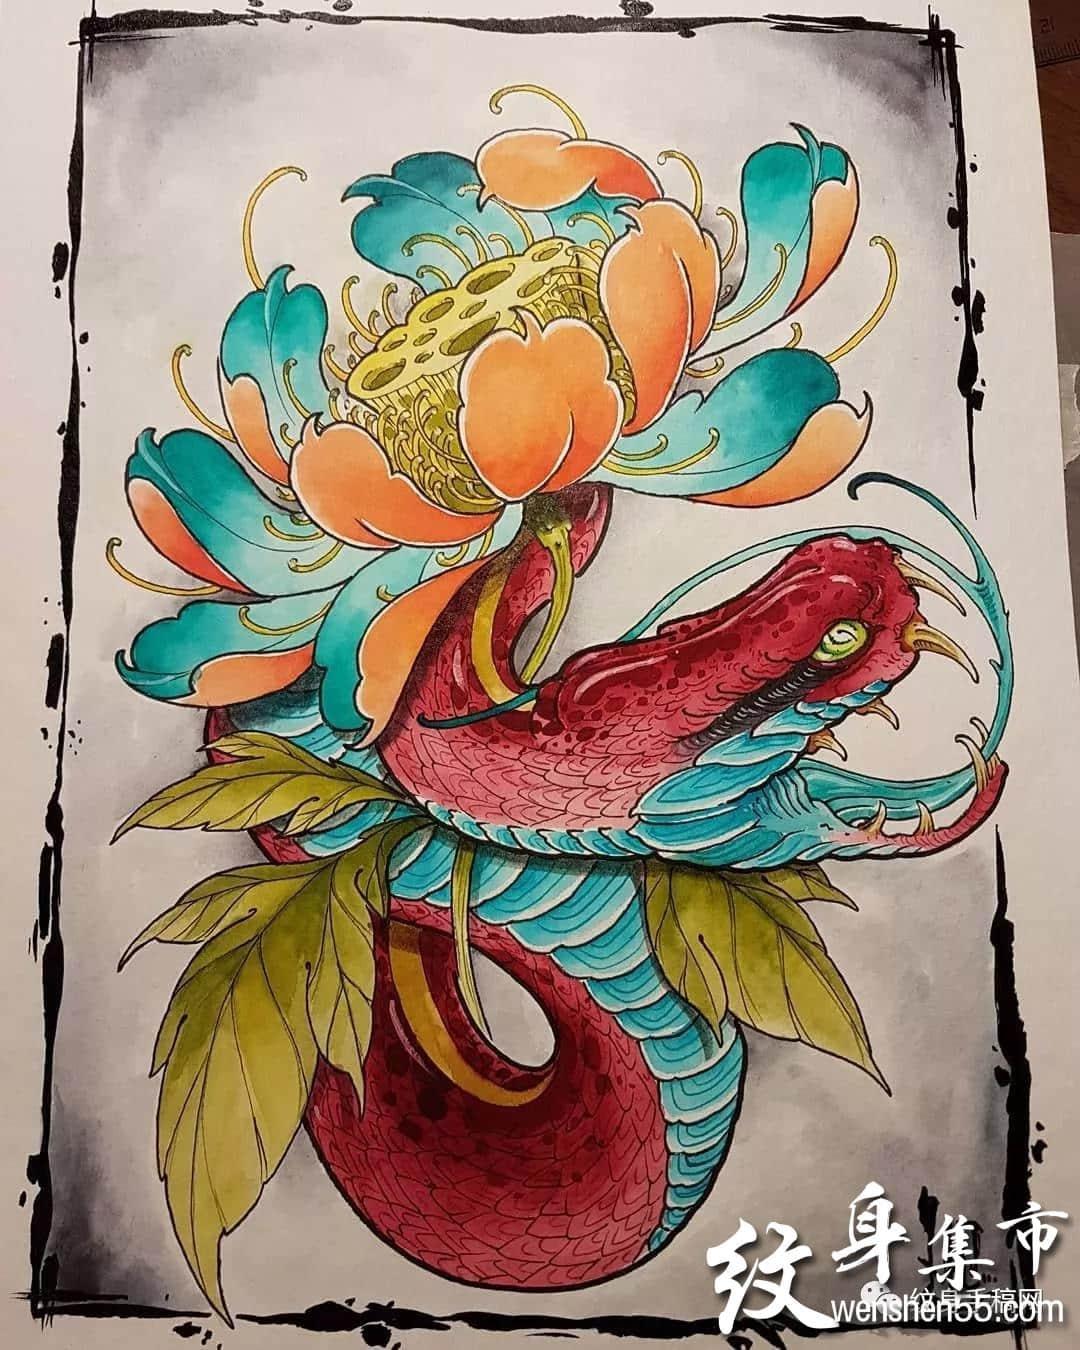 荷花纹身,荷花纹身手稿,荷花纹身手稿图案大全